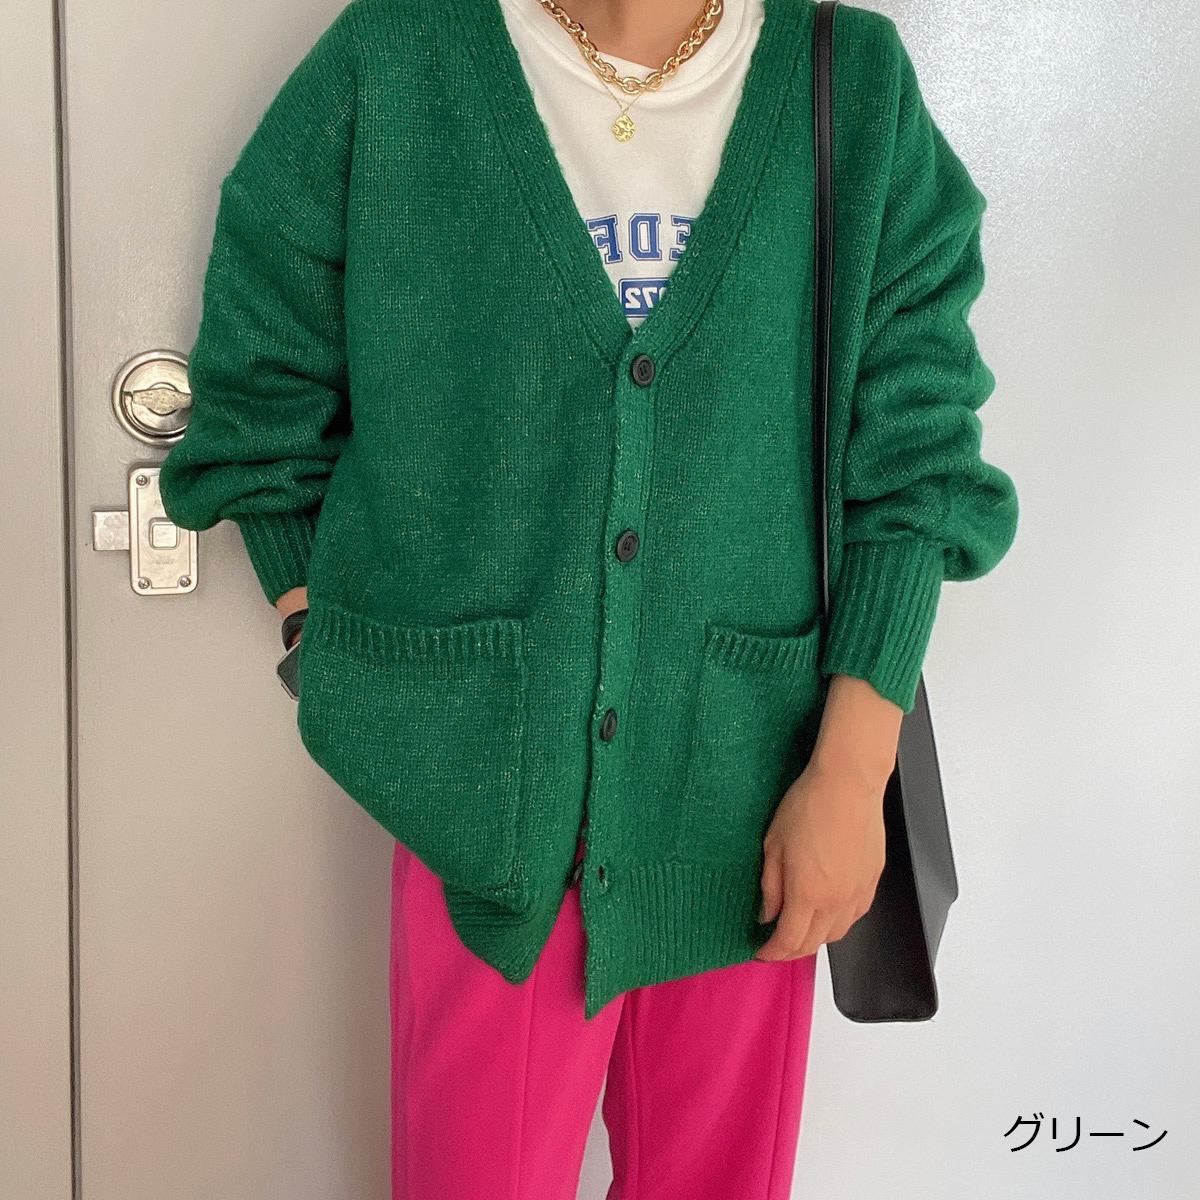 【10/11新色登場】モヘアタッチカーディガン